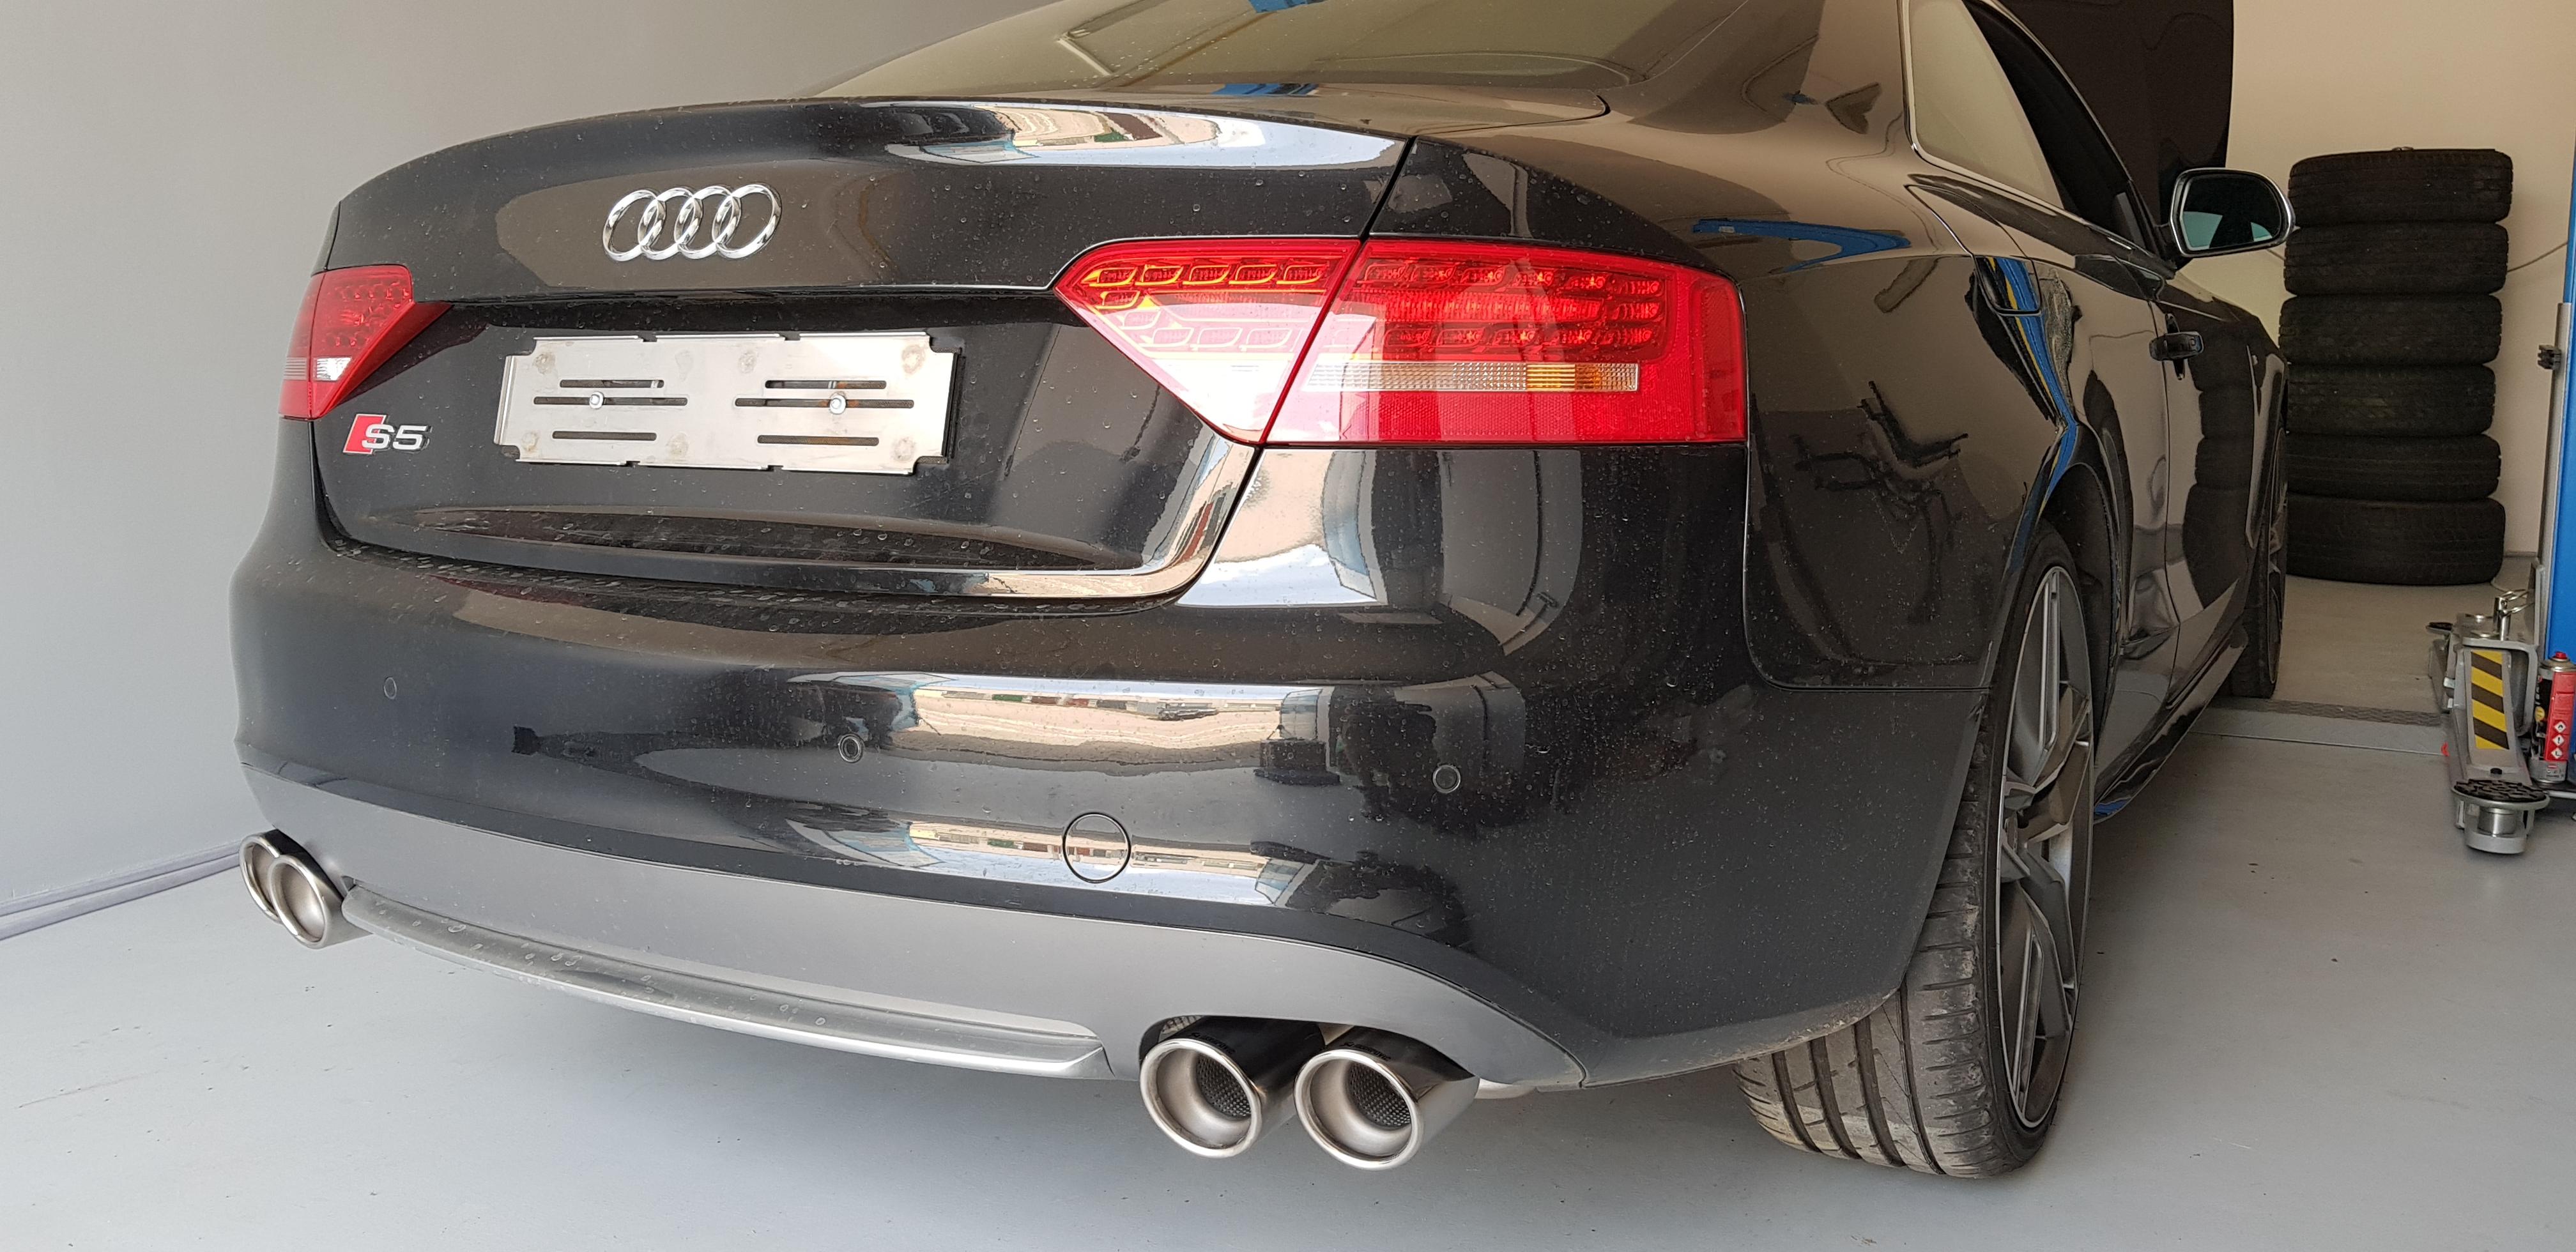 Audi_S5_Akrapovic_009